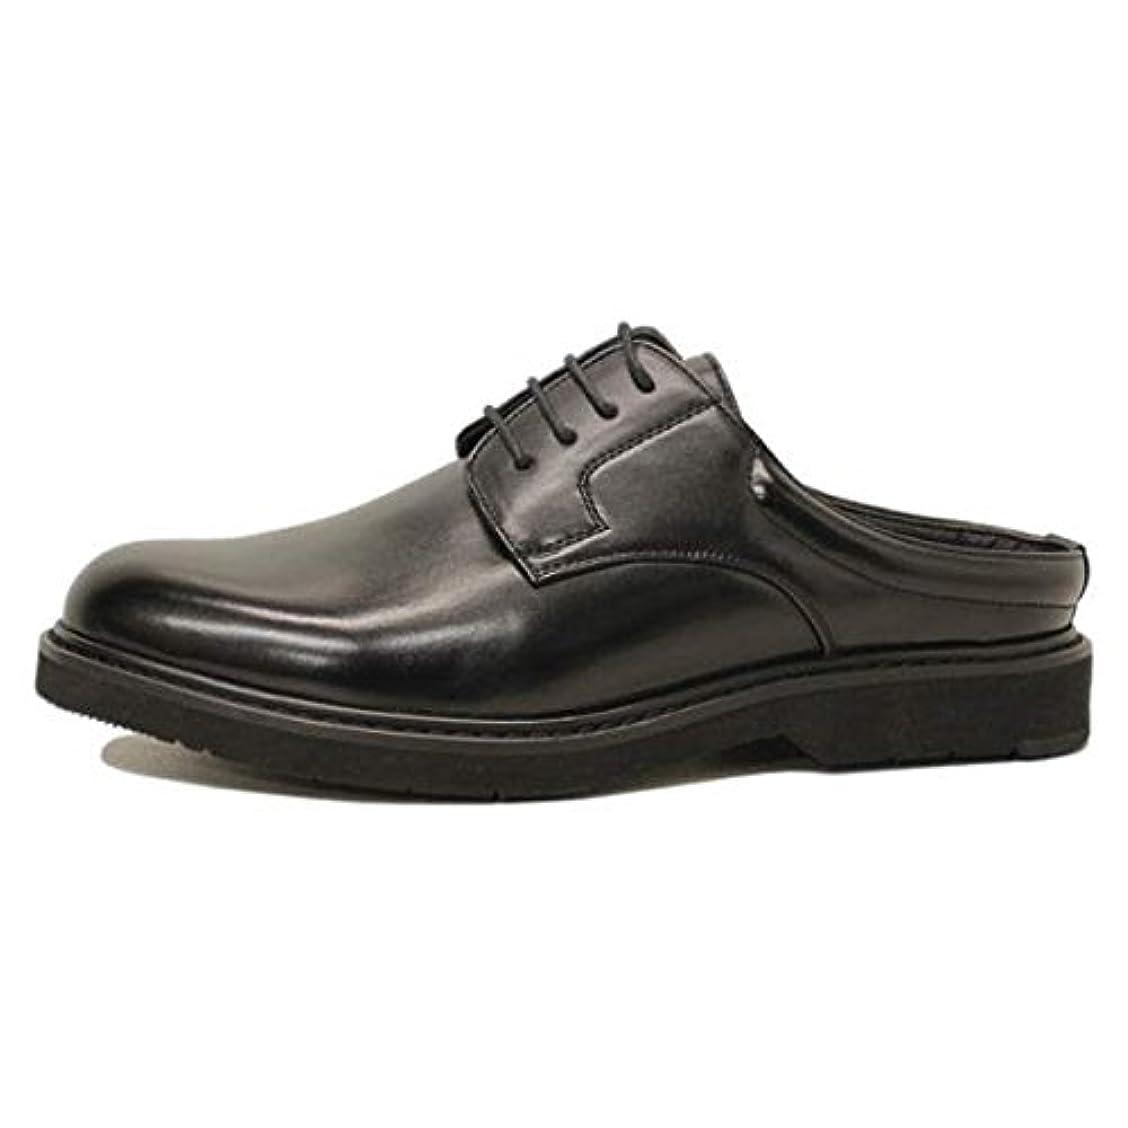 店員トロリーバス太鼓腹ビジネスサンダル スリッパ メンズ エアソール 革靴 プレーントゥ M300711-02